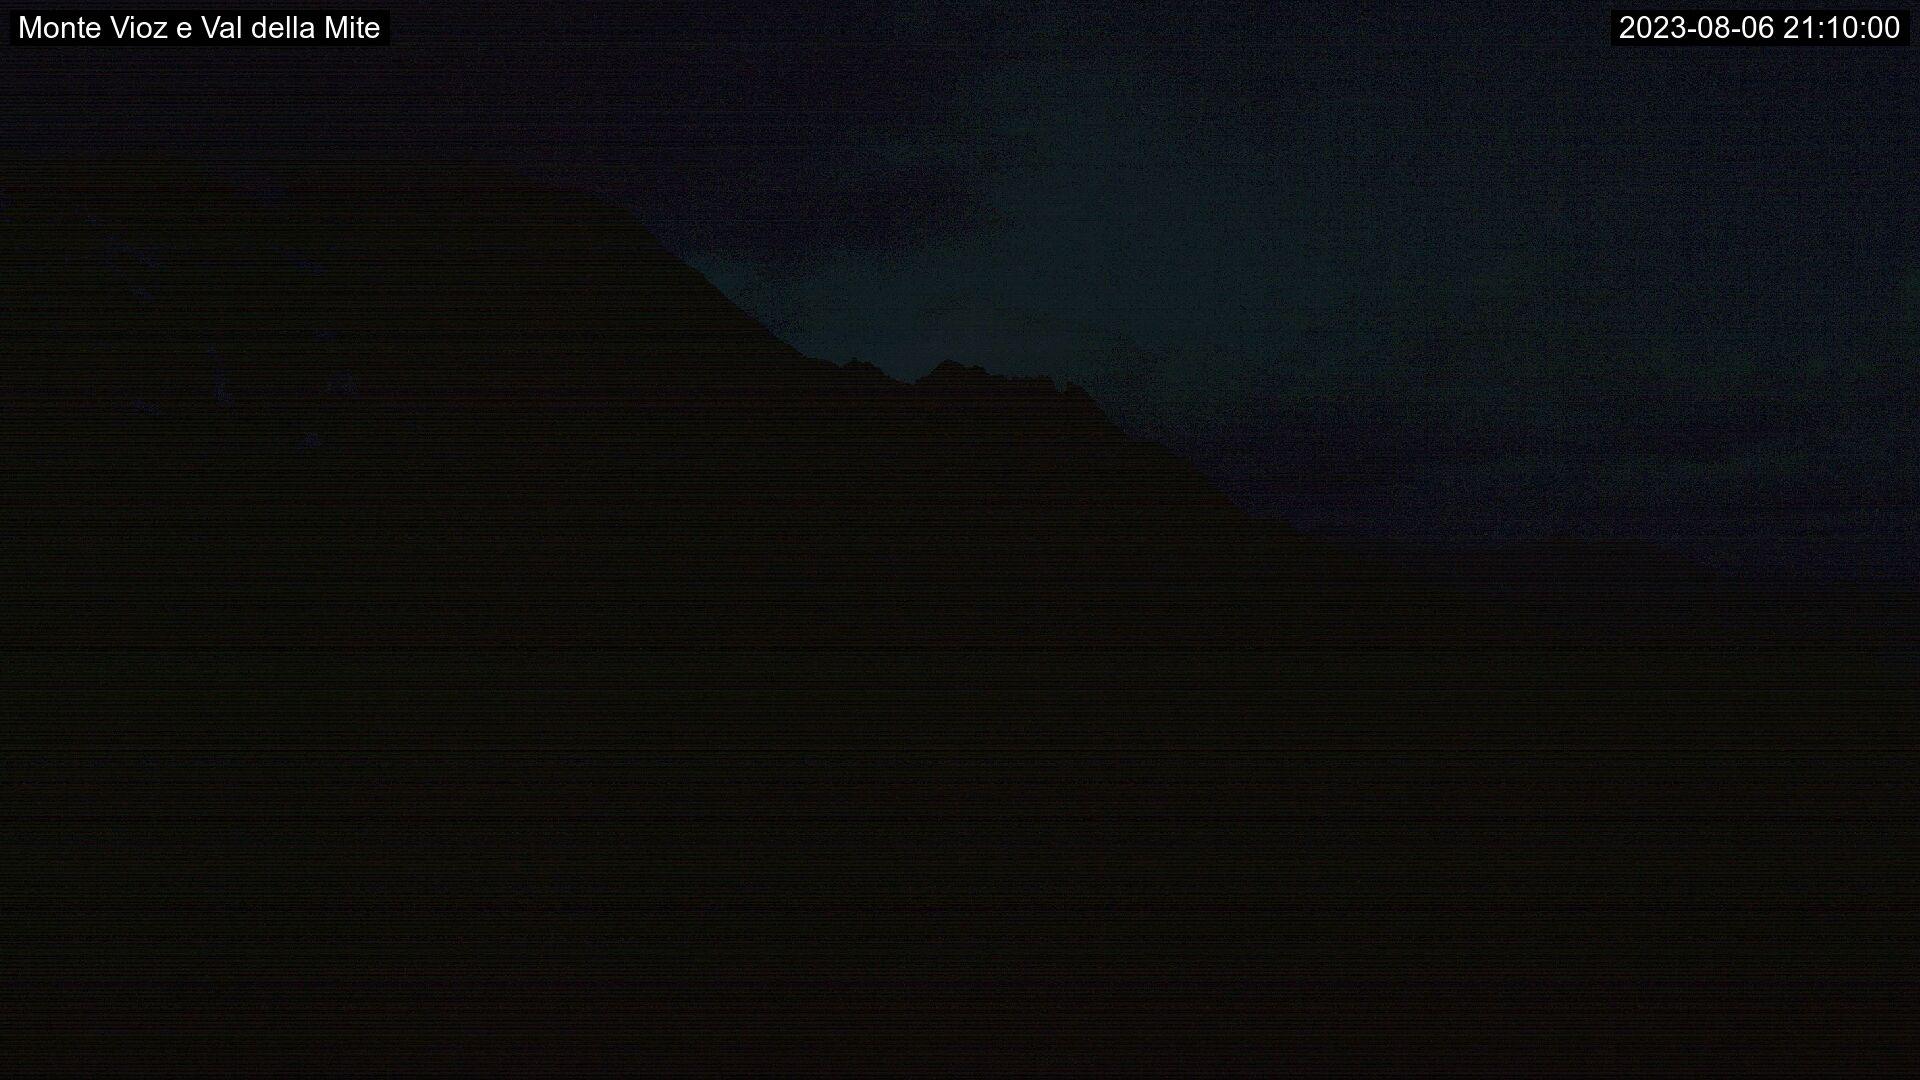 Monte Vioz e Val della Mite